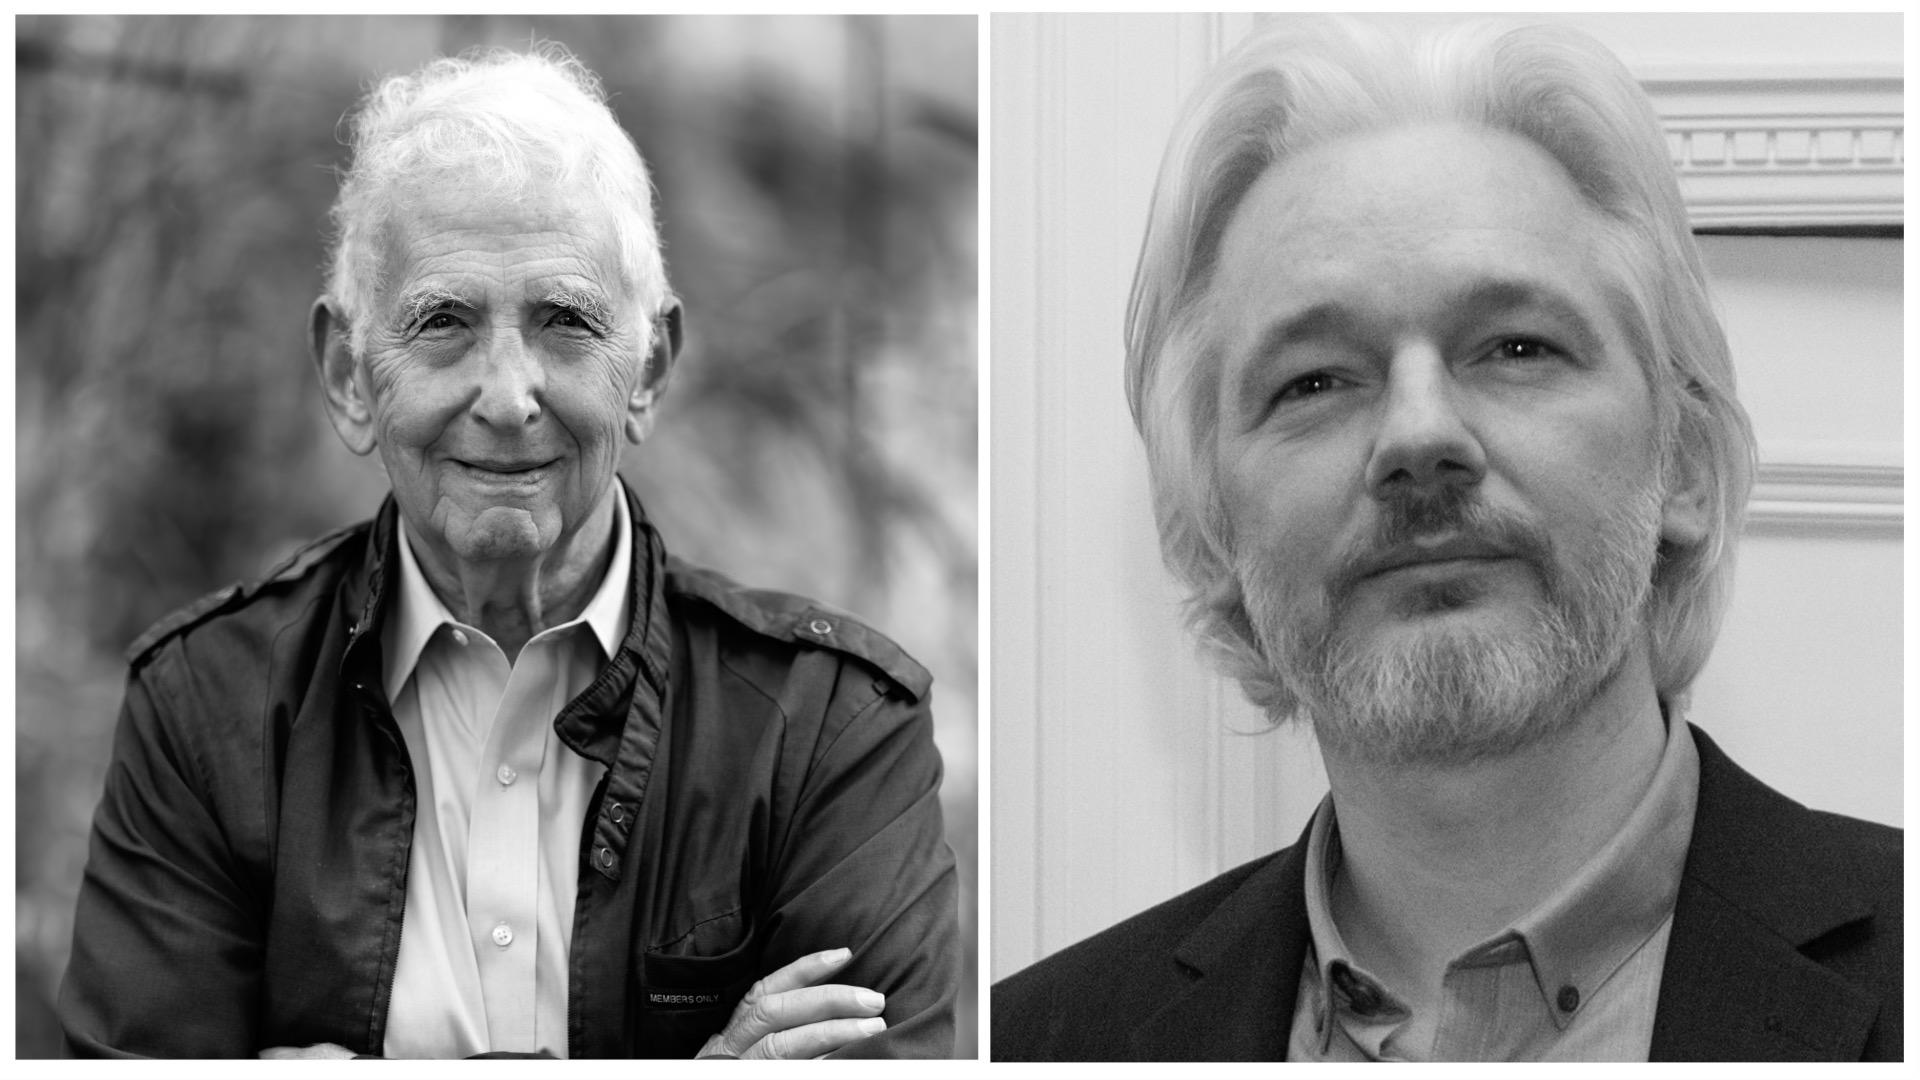 Former Insider & Legendary Whistelblower Daniel Ellsberg speaks out for Julian Assange